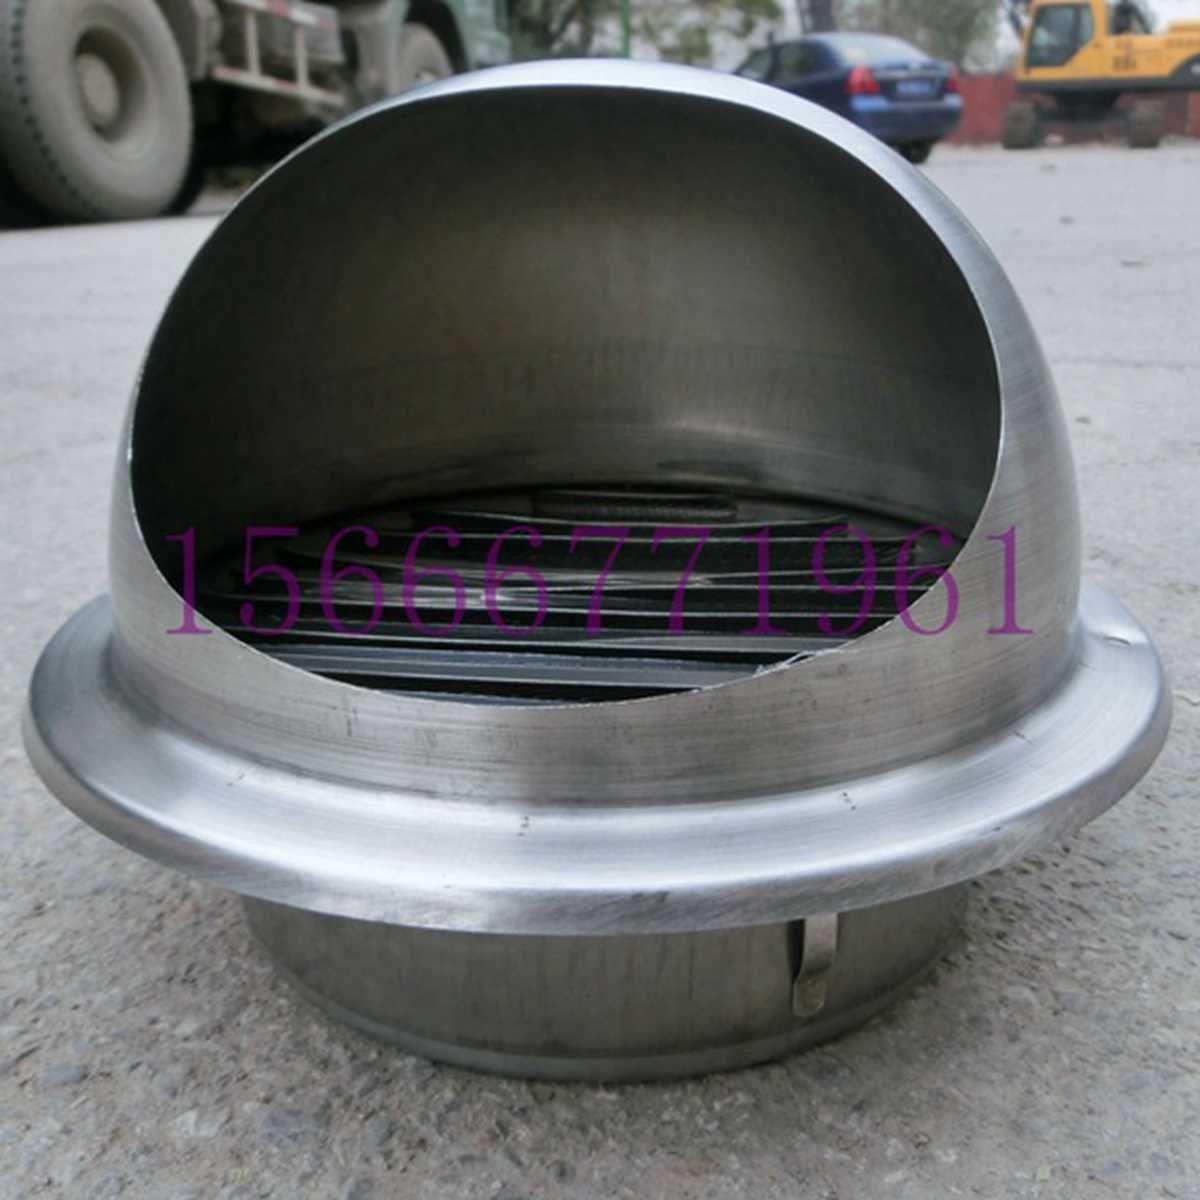 室外 烟筒防风帽 不锈钢厨房 卫生间烟道防风帽防